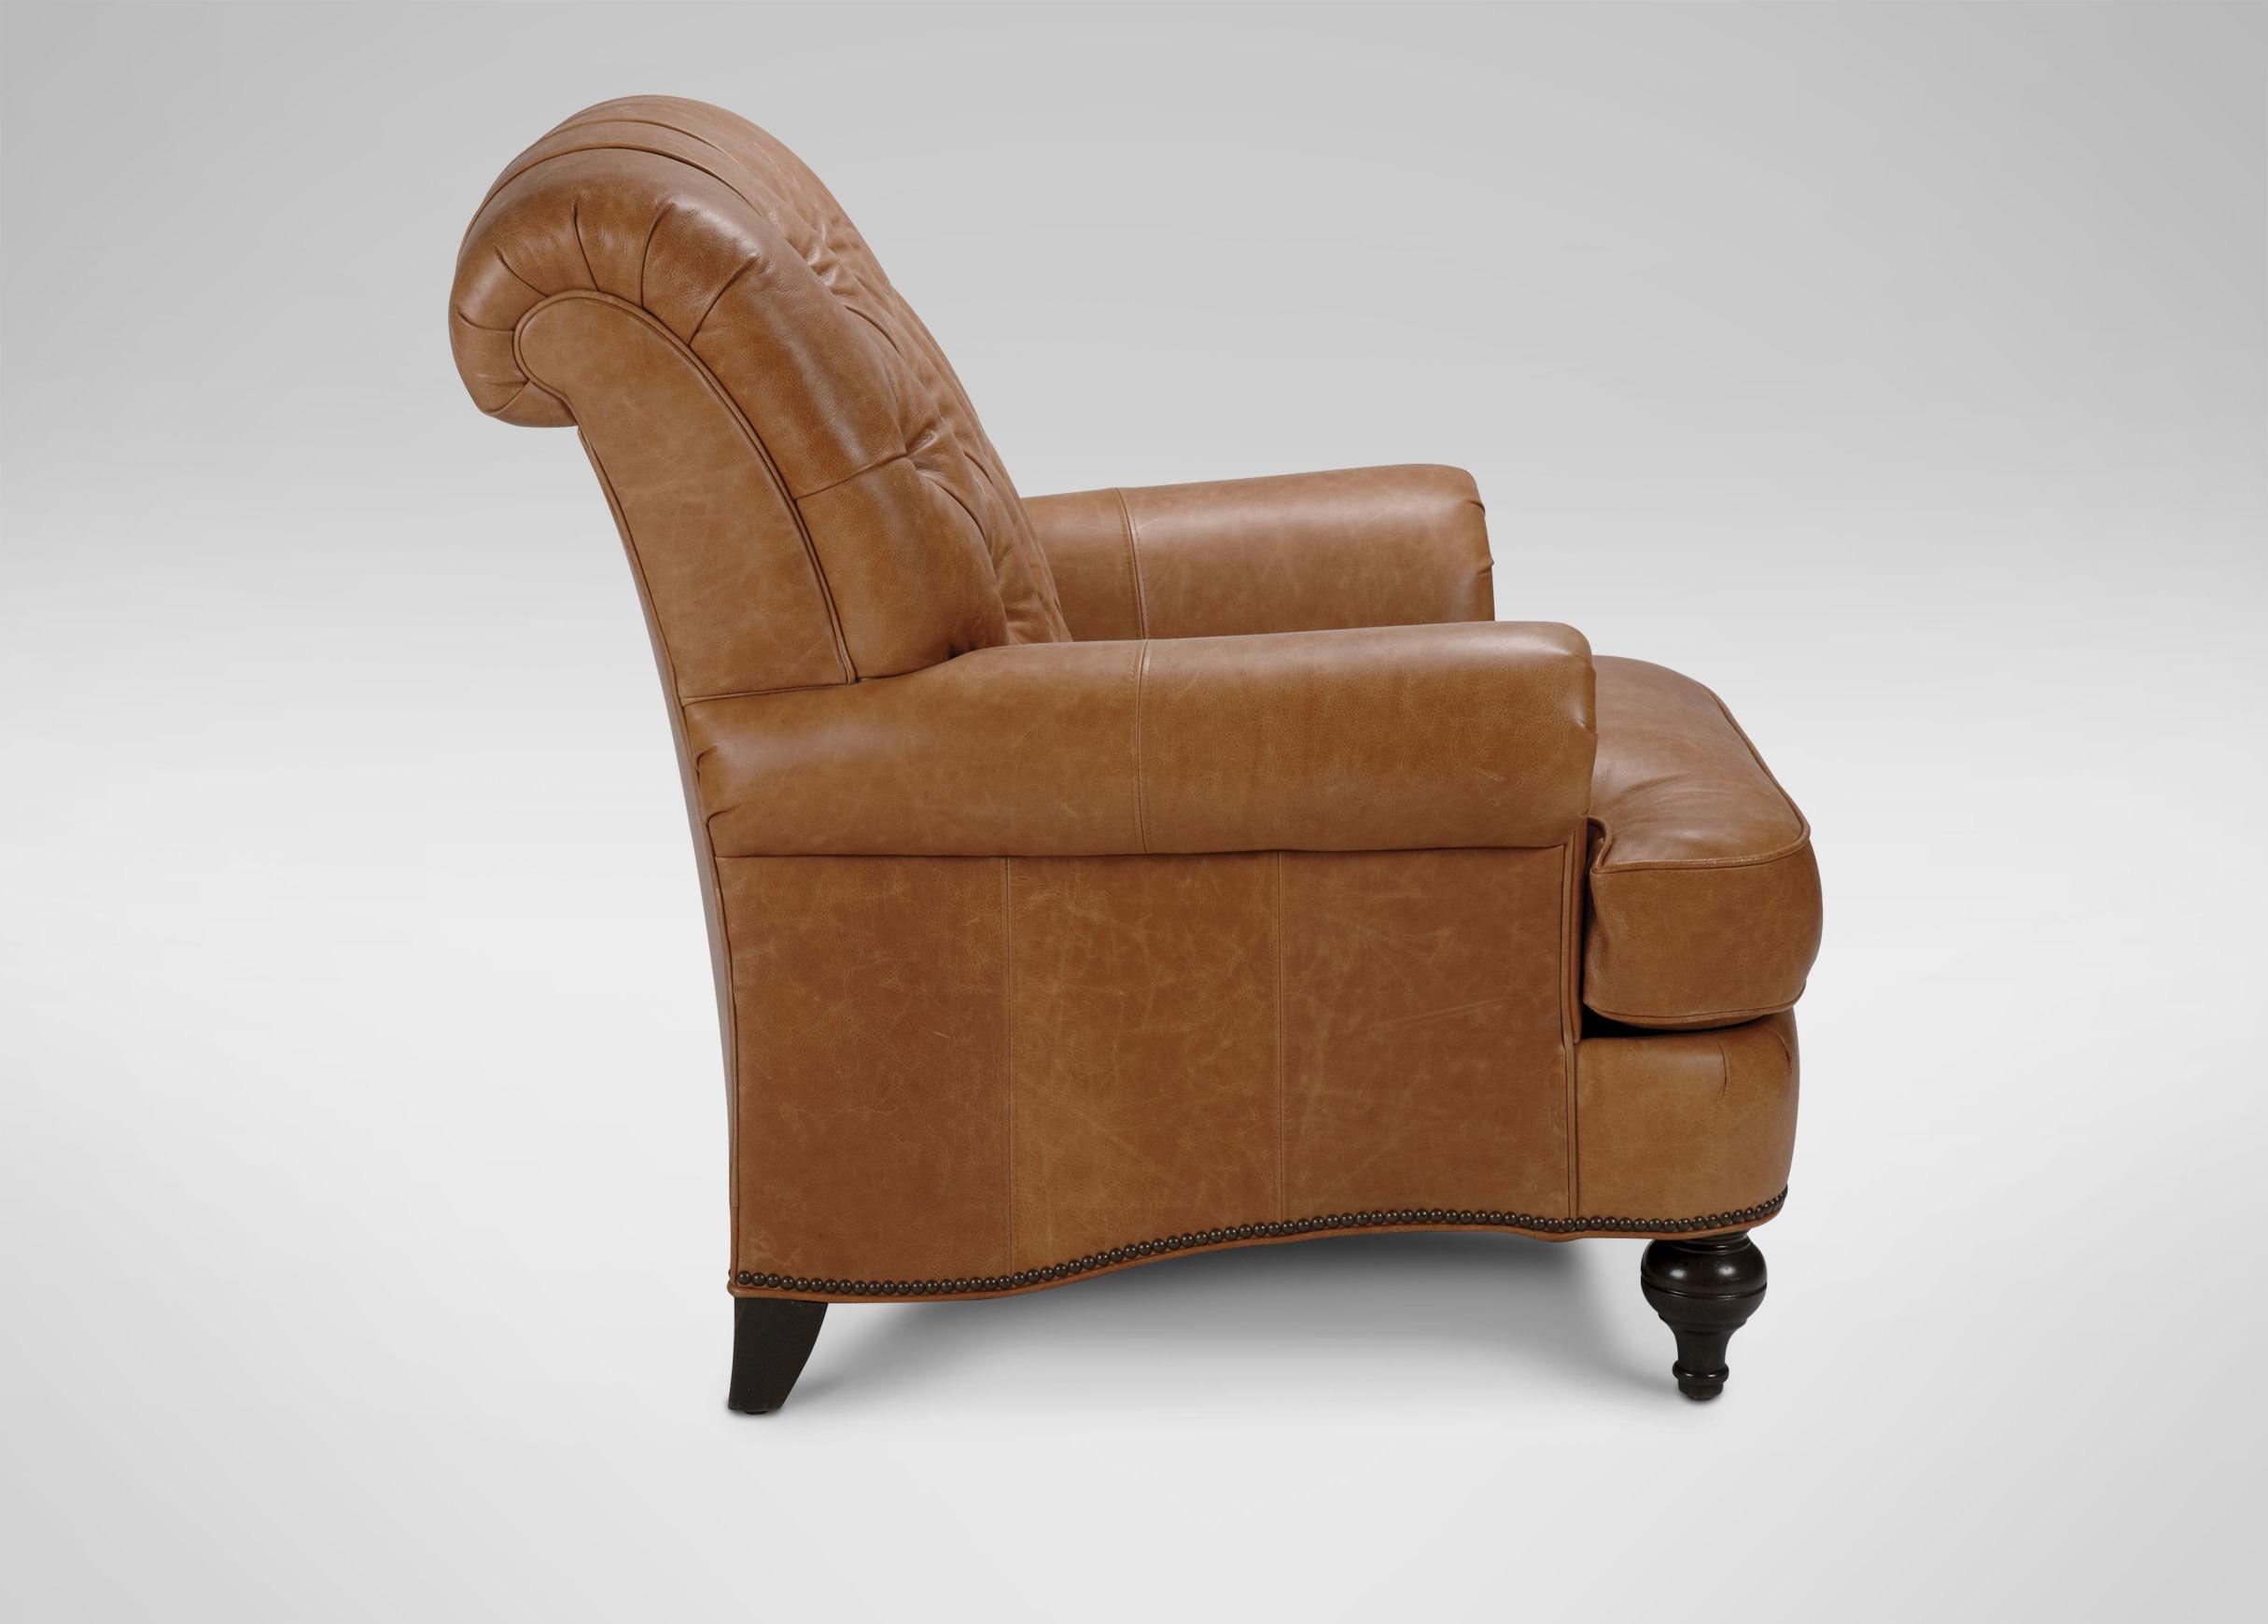 Ethan Allen Chair | Ethan Allen Furniture Stores | Ethan Allen Recliners